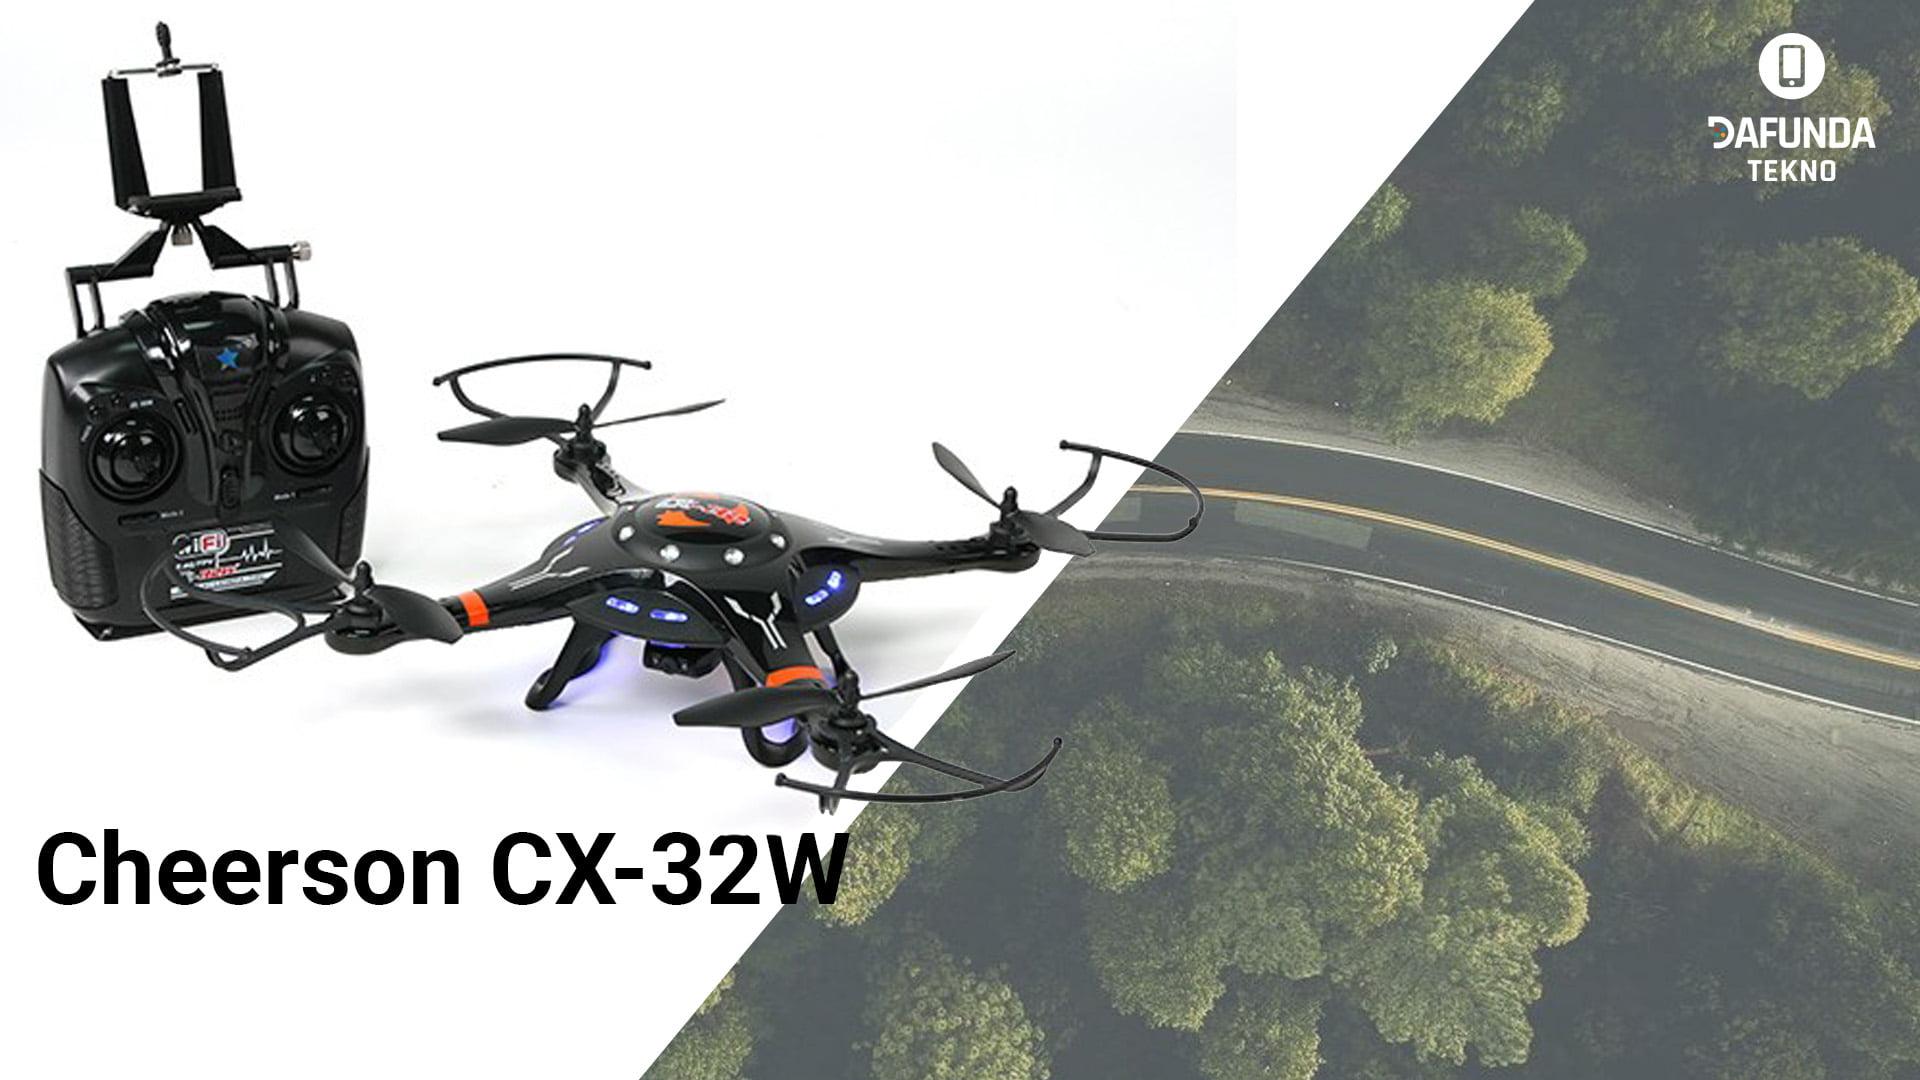 Drone Murah Terbaik Harga dibawah 2 Jutaan Cheerson Cx 32w 1